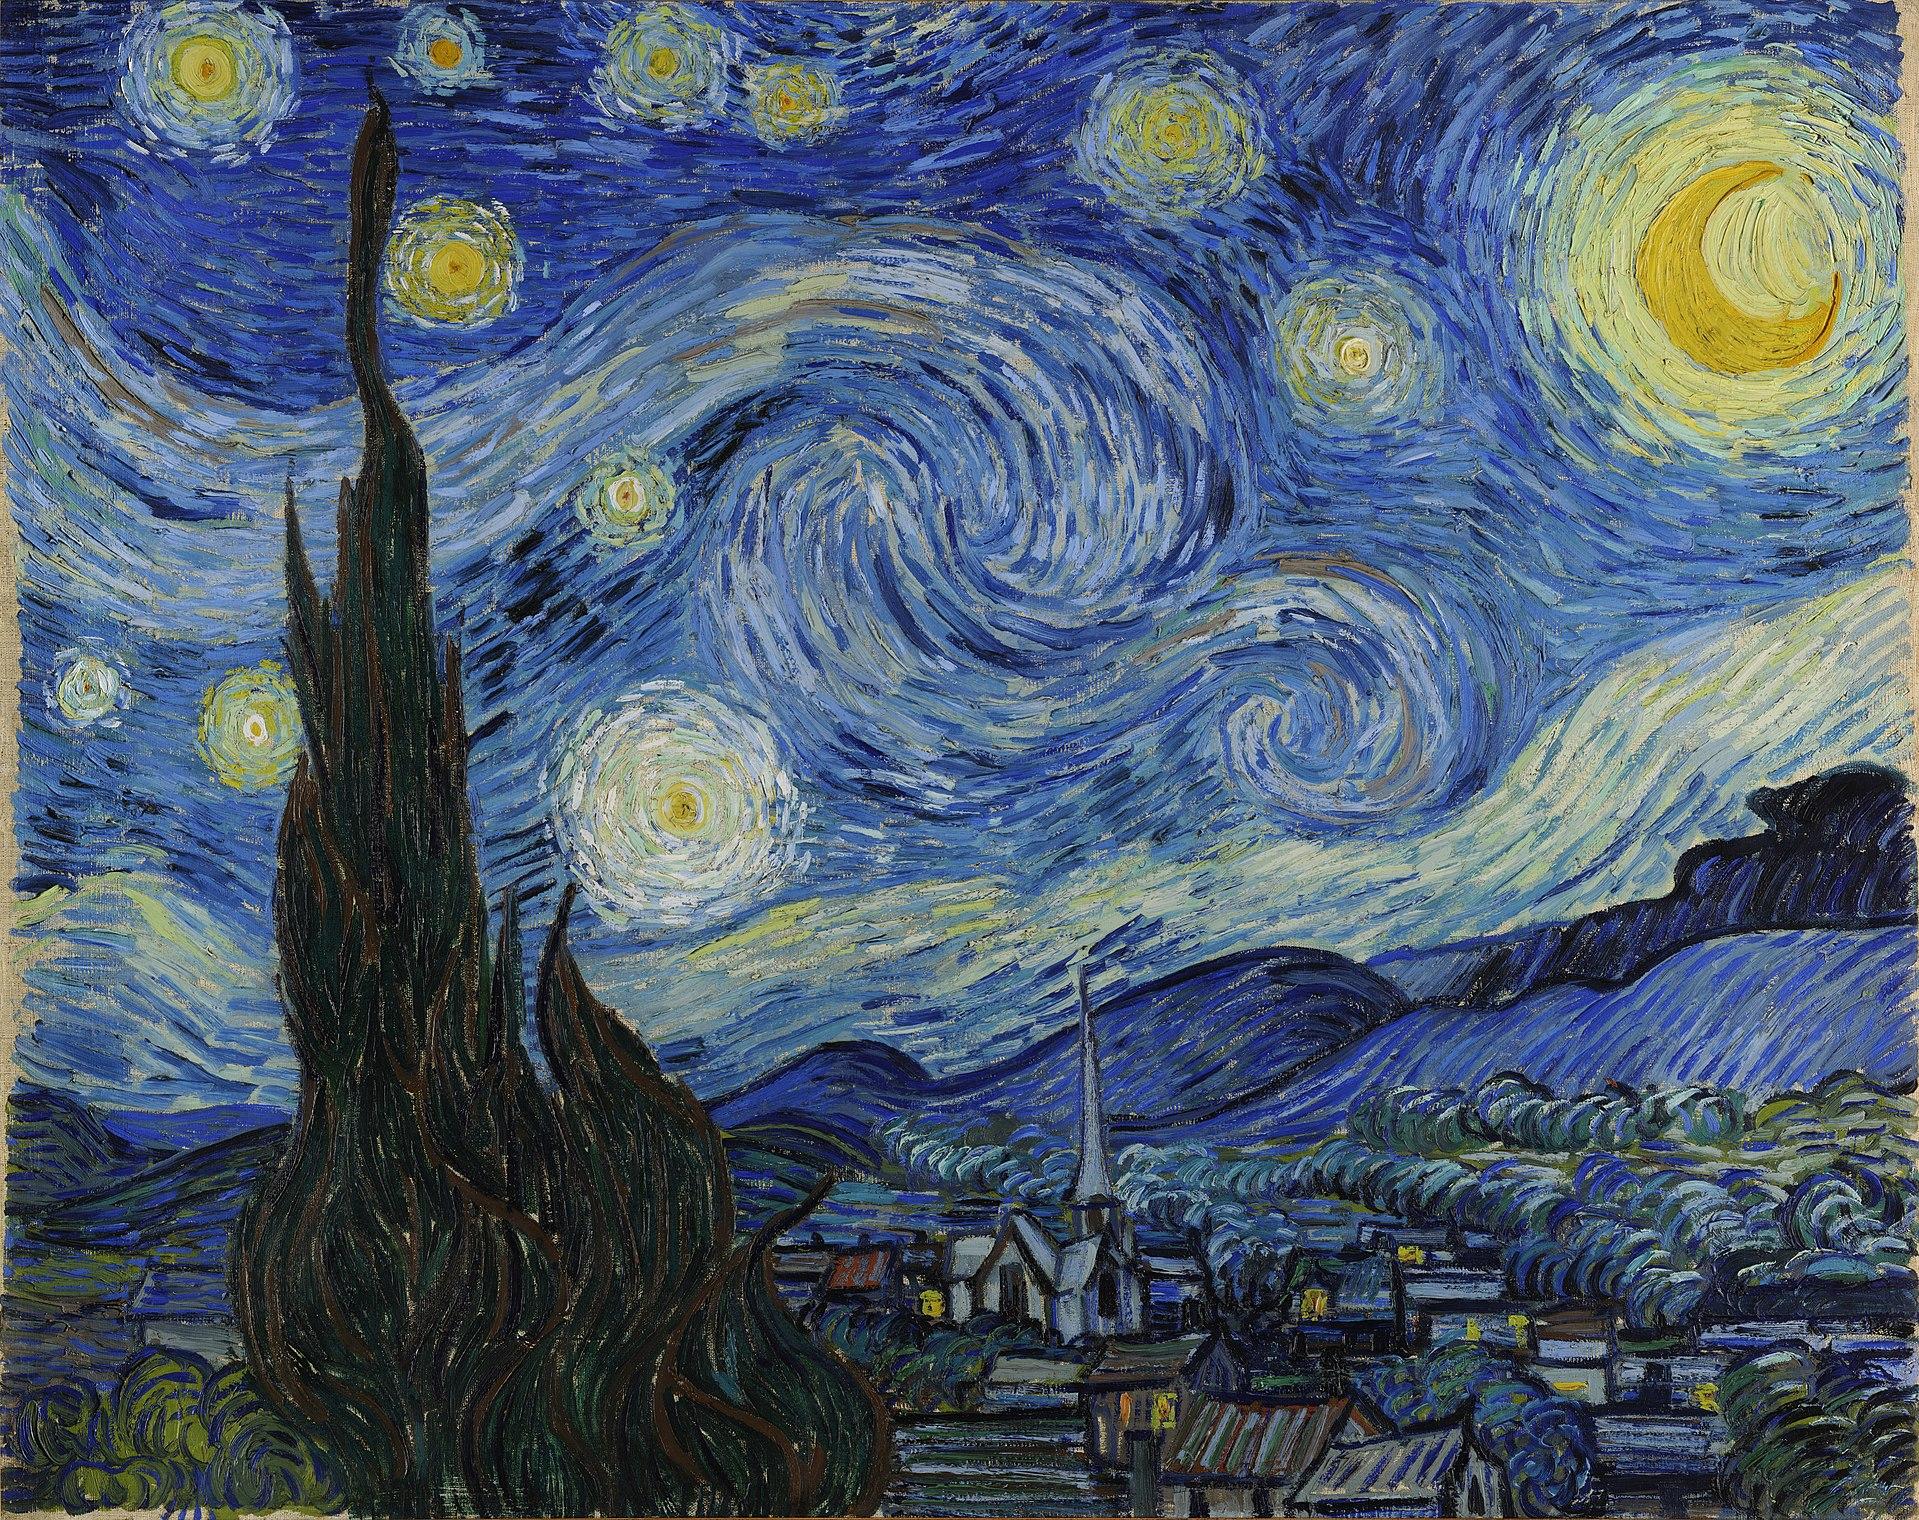 フィンセント・ファン・ゴッホ『星月夜』 1889年